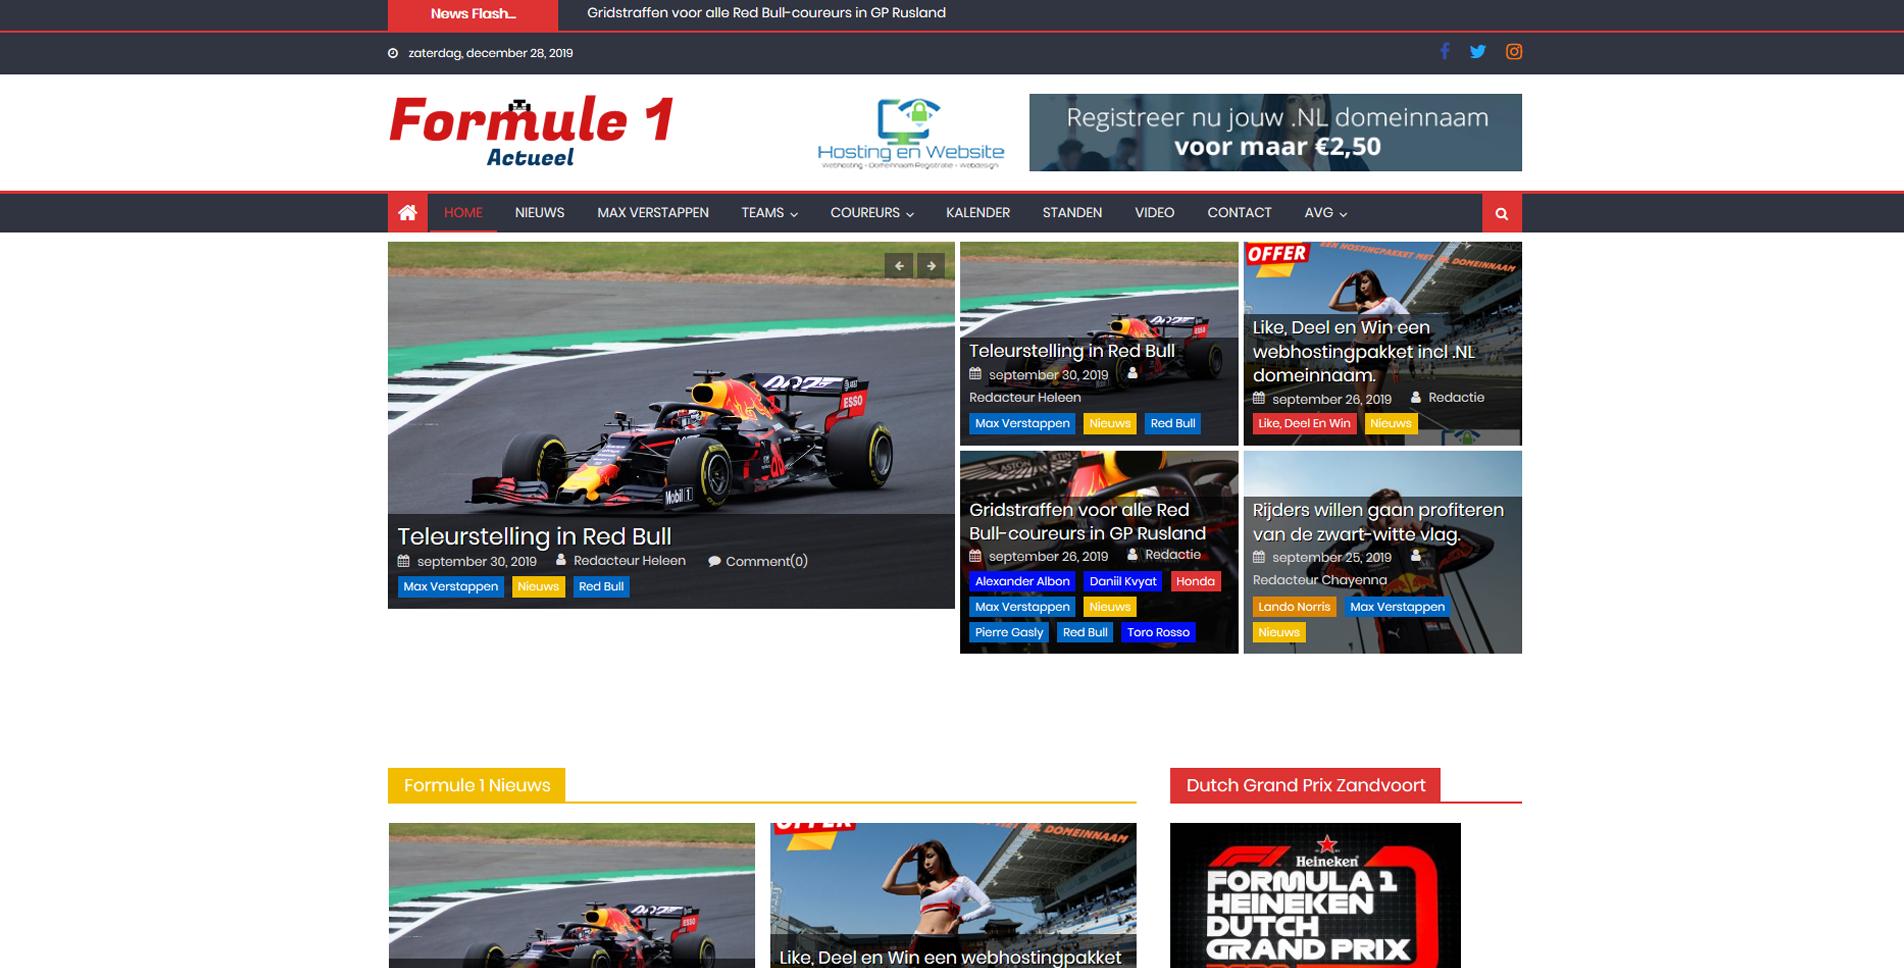 Formule1 Actueel